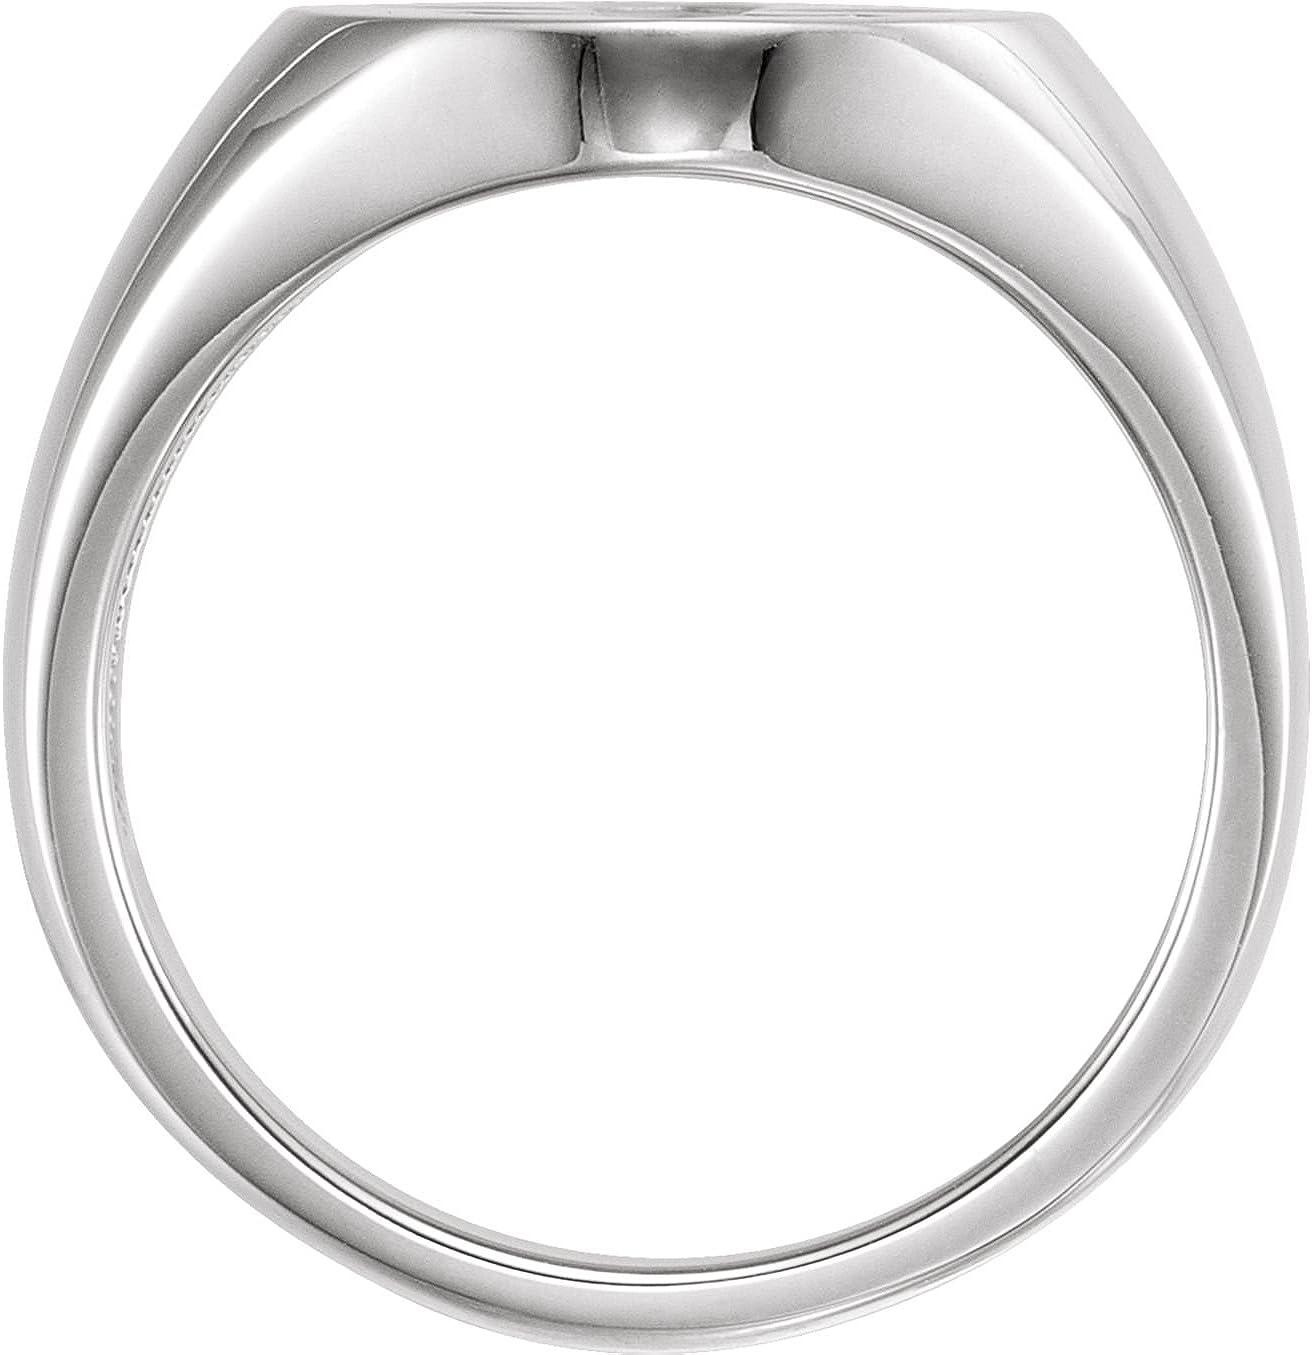 Bonyak Jewelry Sterling Silver 16x11 Oval Fleur-de-lis Signet Ring Size 10